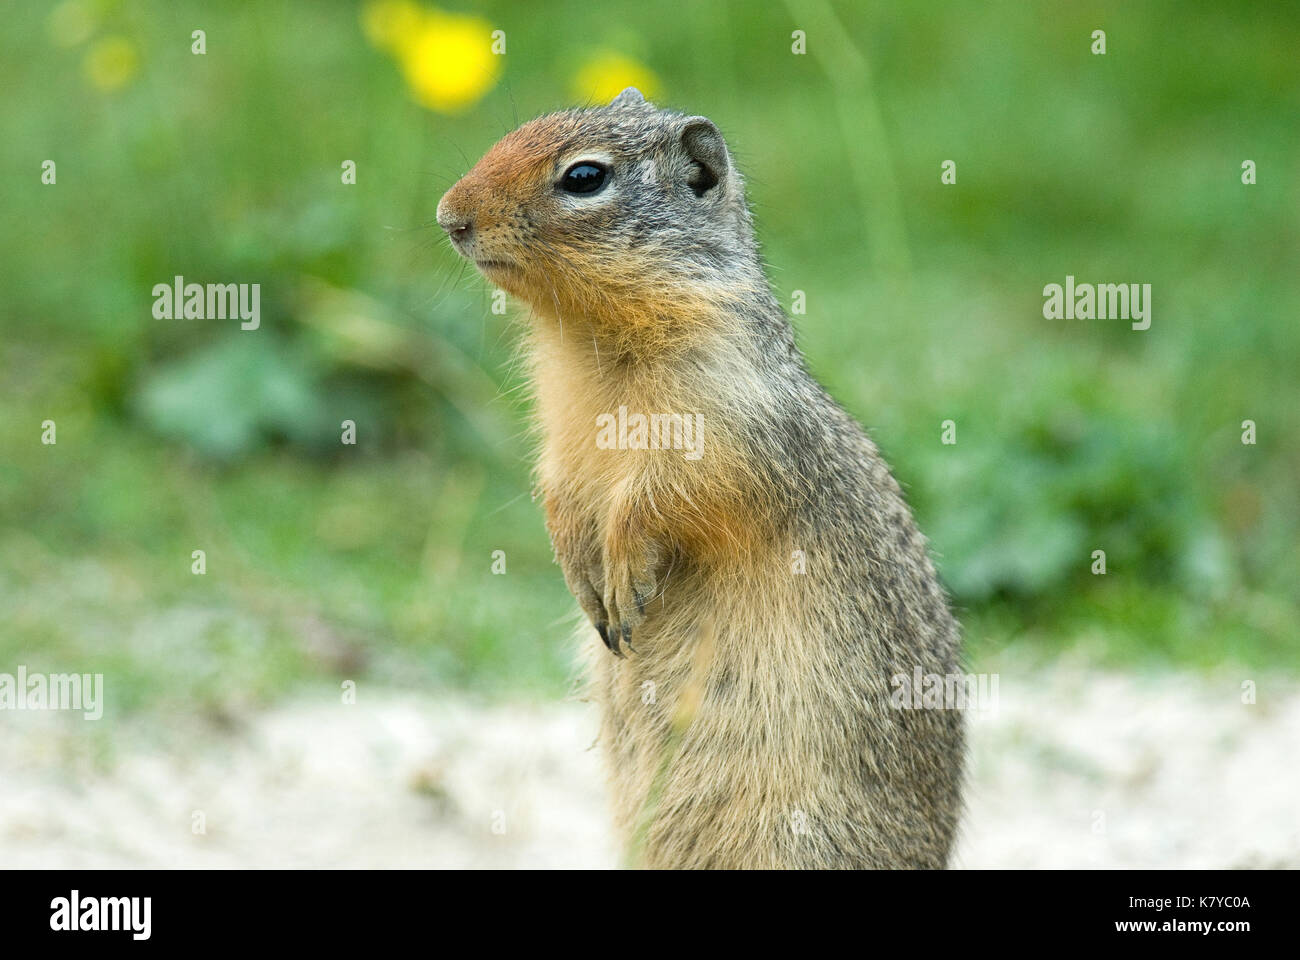 Columbian ground squirrel (Spermophilus columbianus), British Columbia, Canada Stock Photo